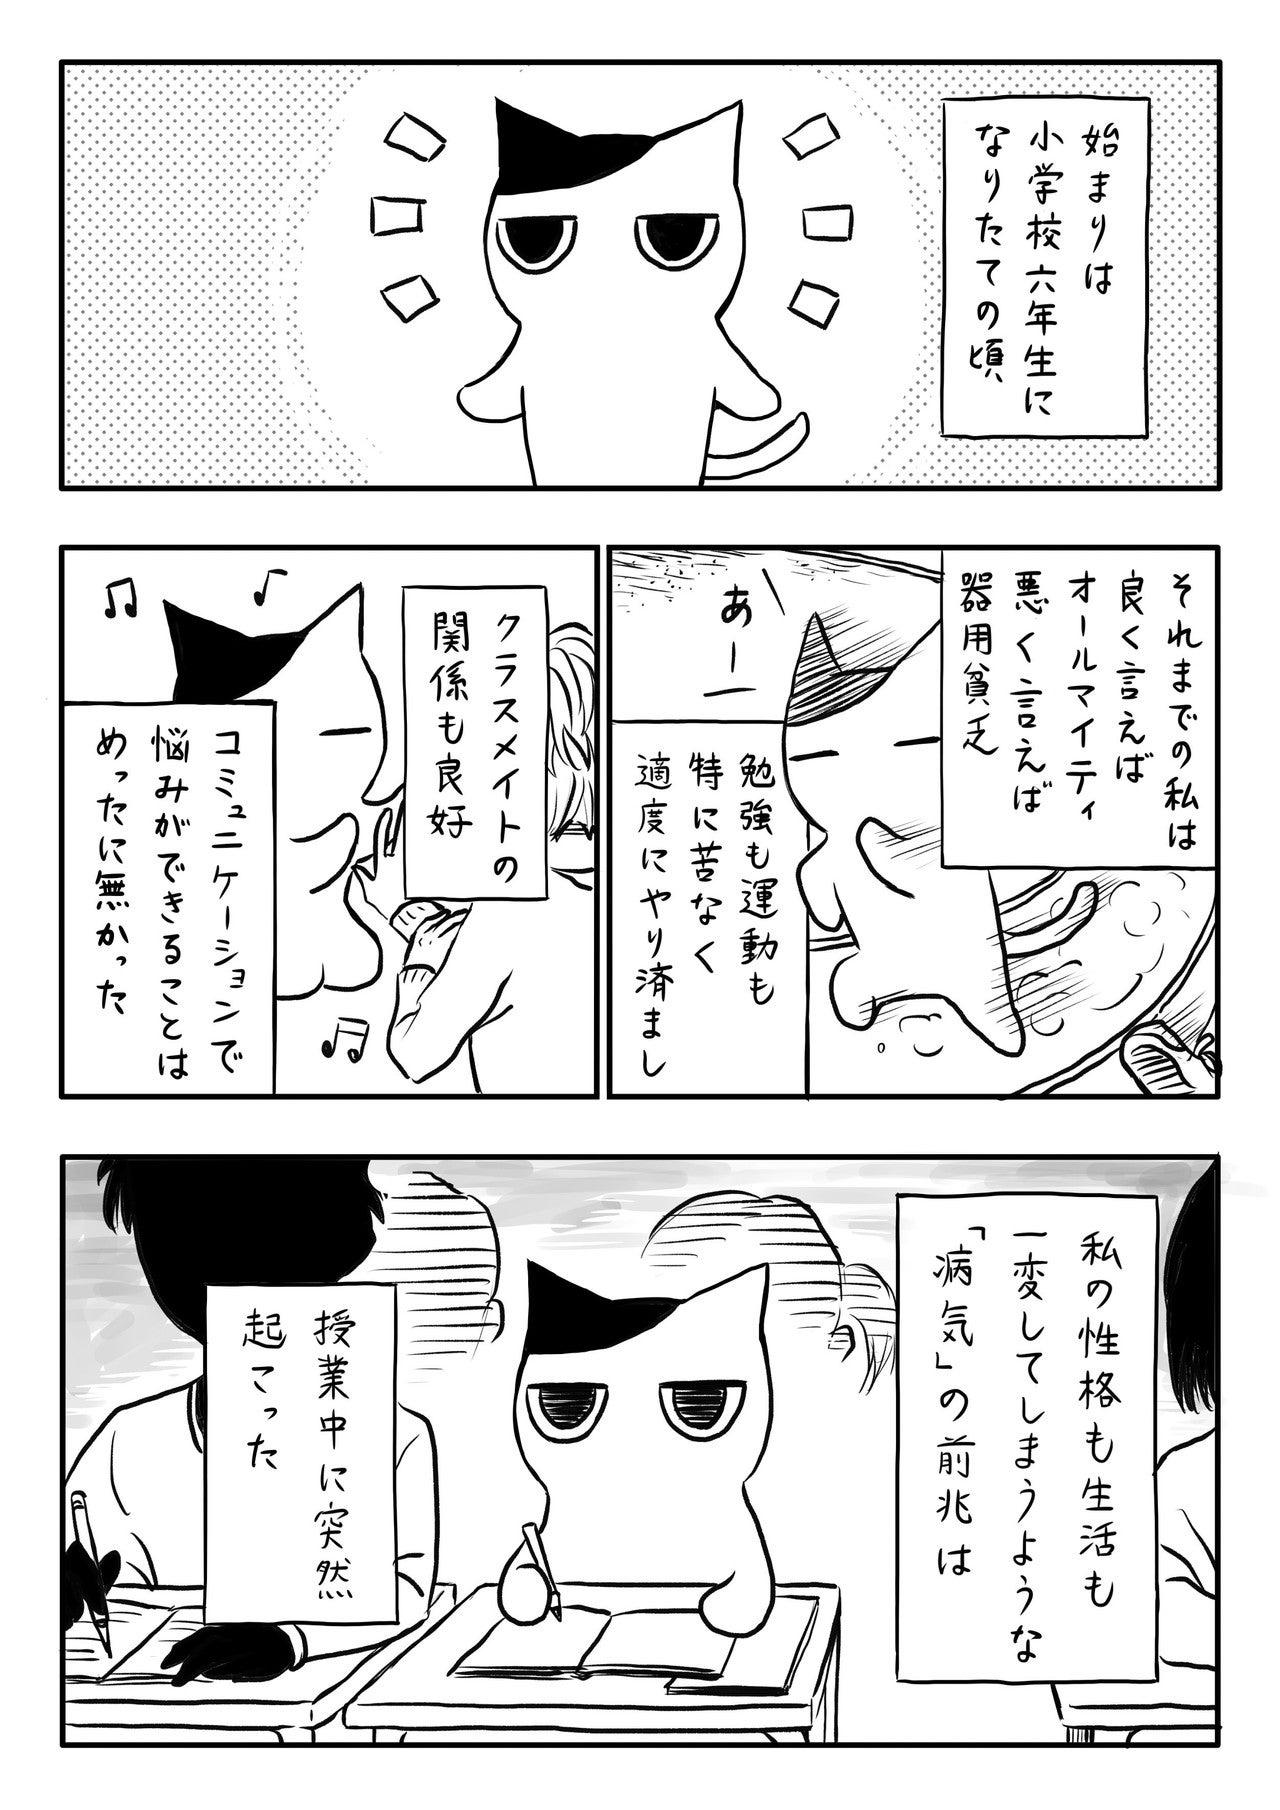 JPEGイメージ_35